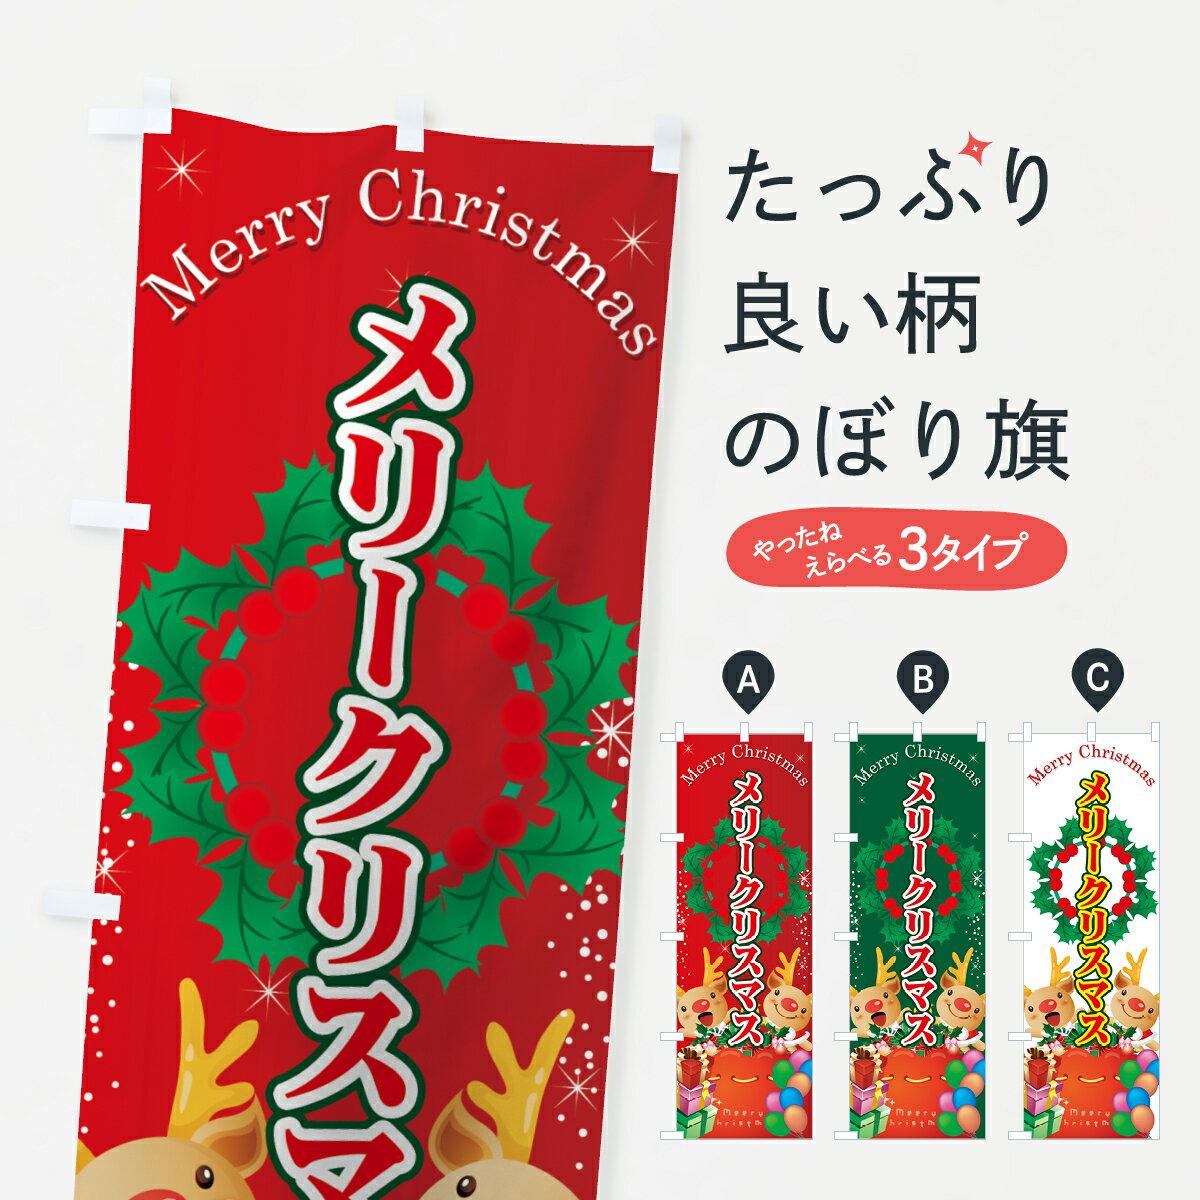 パーティーグッズ, のぼり  Merry Christmas